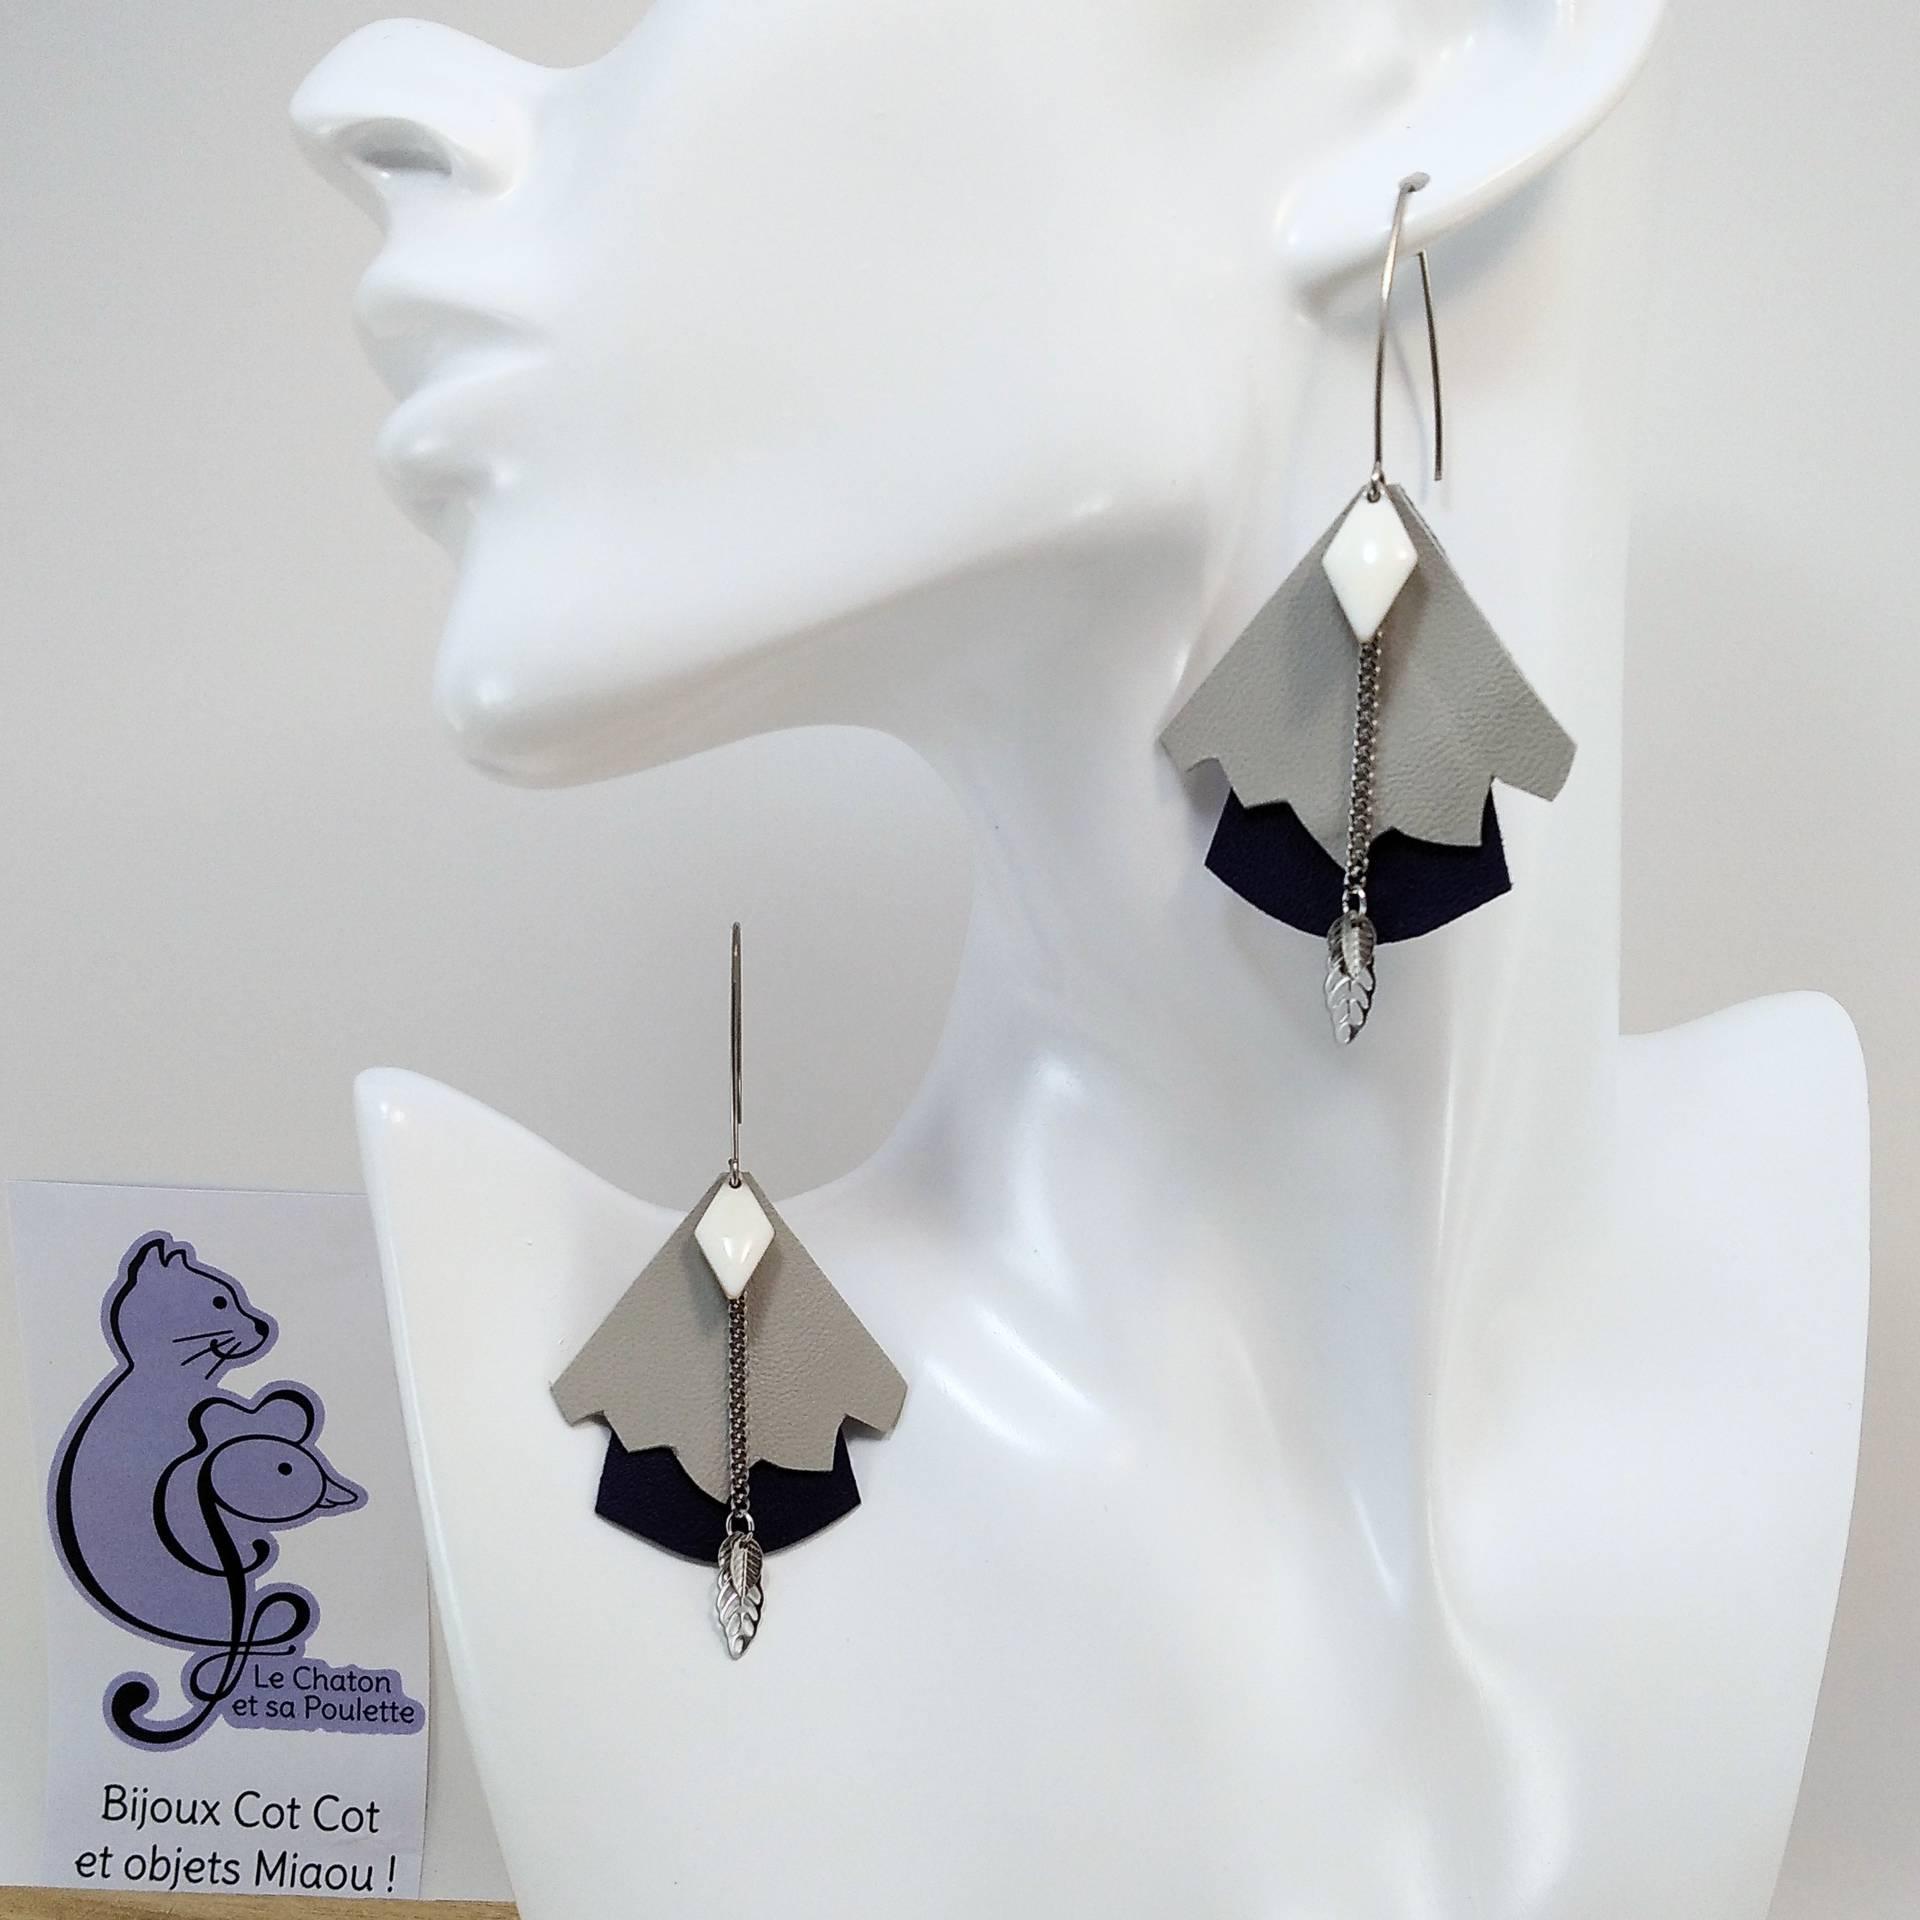 BO FORMIDABLE modèle n°5 Cuirs gris clair et bleu nuit, breloque diamant blanc